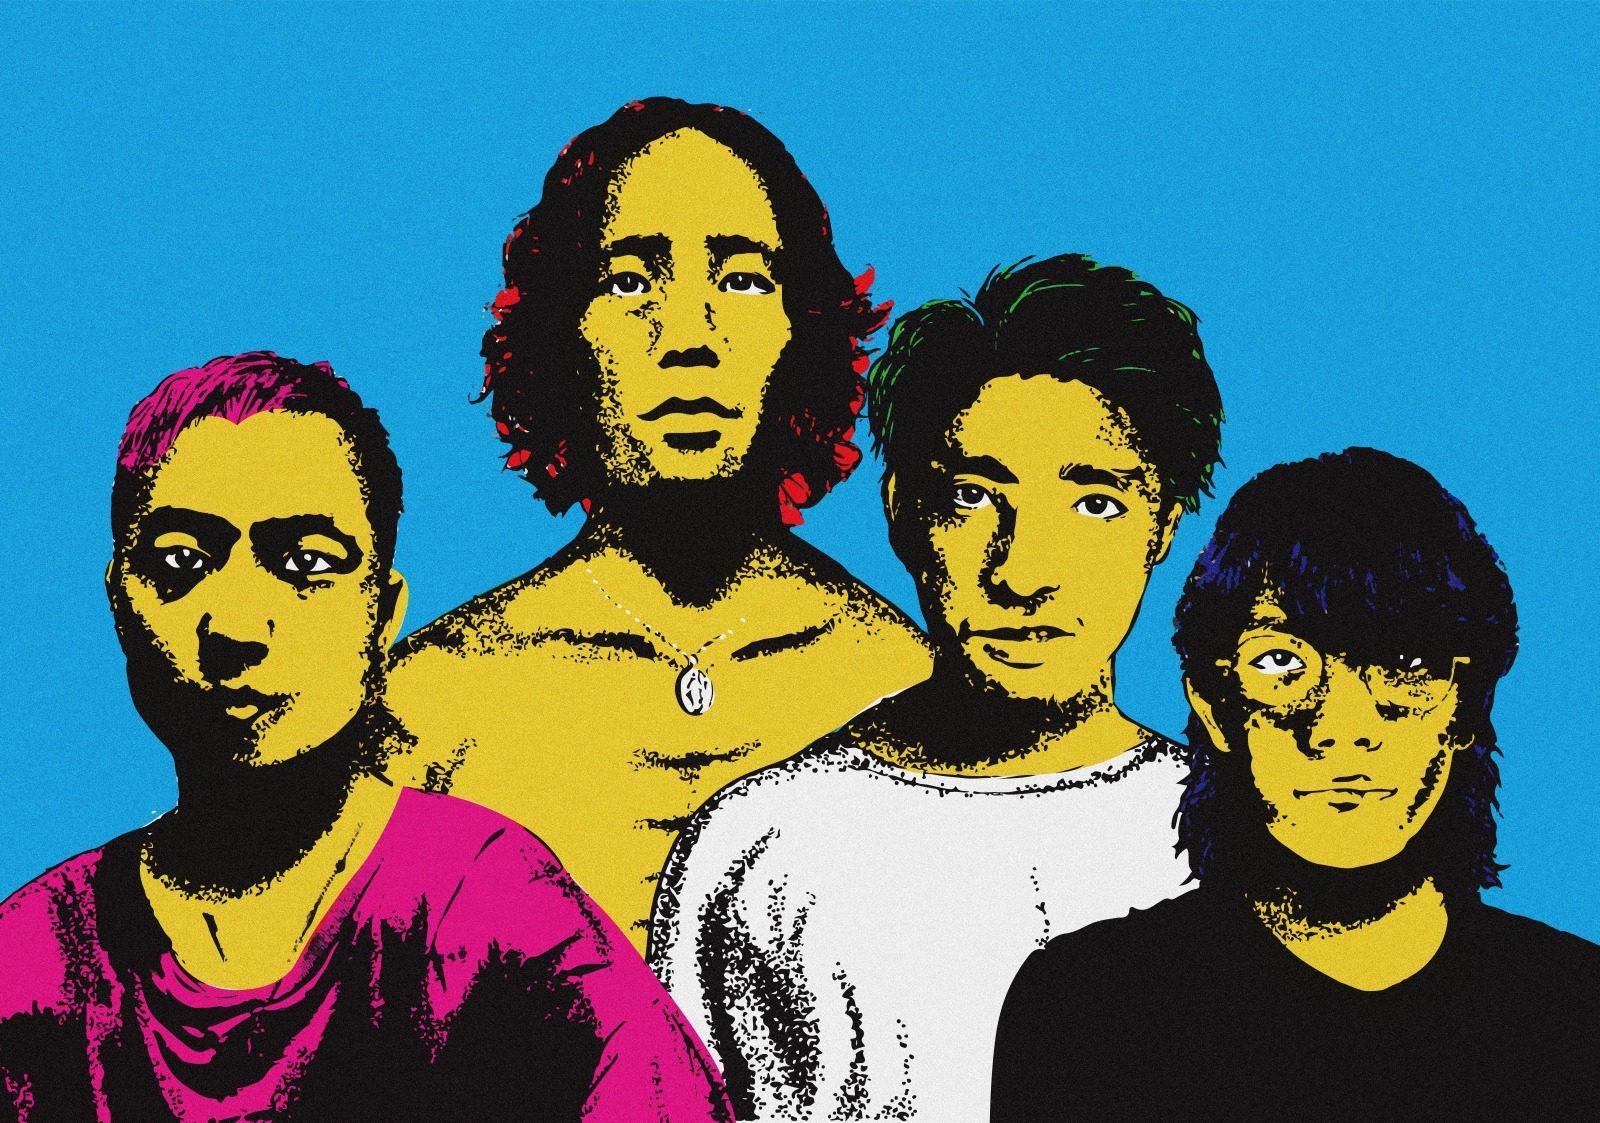 愛はズボーン、新曲『ひっくりかえす』を10月に配信リリースサムネイル画像!